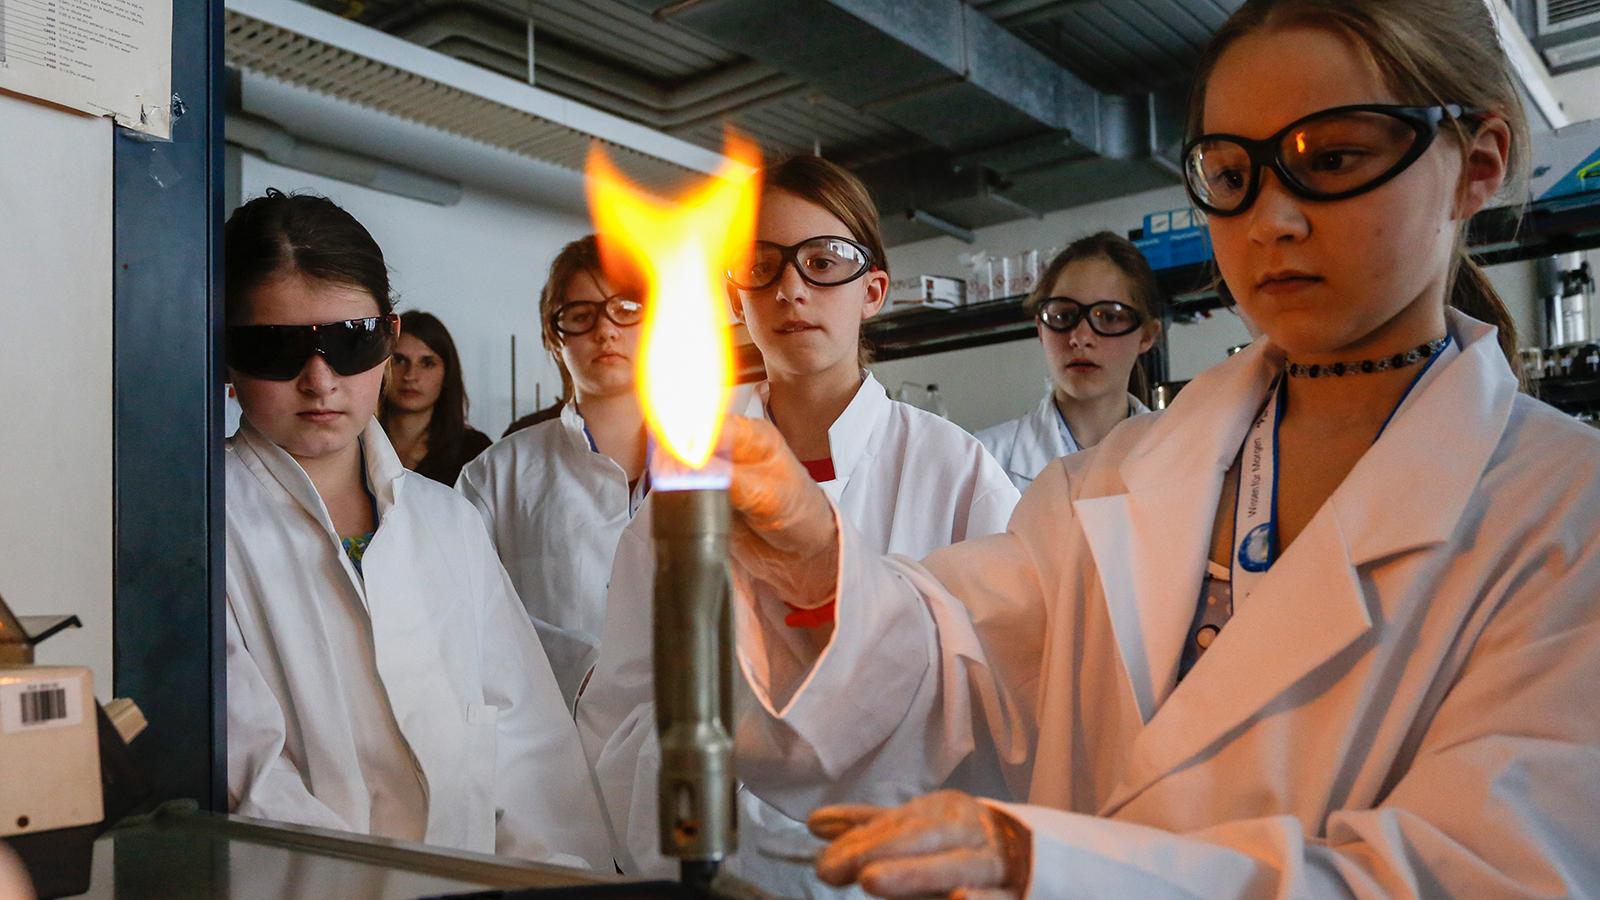 Wie heiß ist eine Flamme und wie kann man sogar die Temperatur im Inneren einer Flamme messen? Das ist eine von vielen Fragen aus der Verbrennungsforschung – einem der vielen Themen des DLR_School_Labs Lampoldshausen. Die Forschungsarbeiten, die hier in Form von Mitmach-Experimenten altersgerecht vermittelt werden, finden sowohl bei Raketenantrieben wie auch in der umweltfreundlichen Energieversorgung Anwendung. Bild: DLR